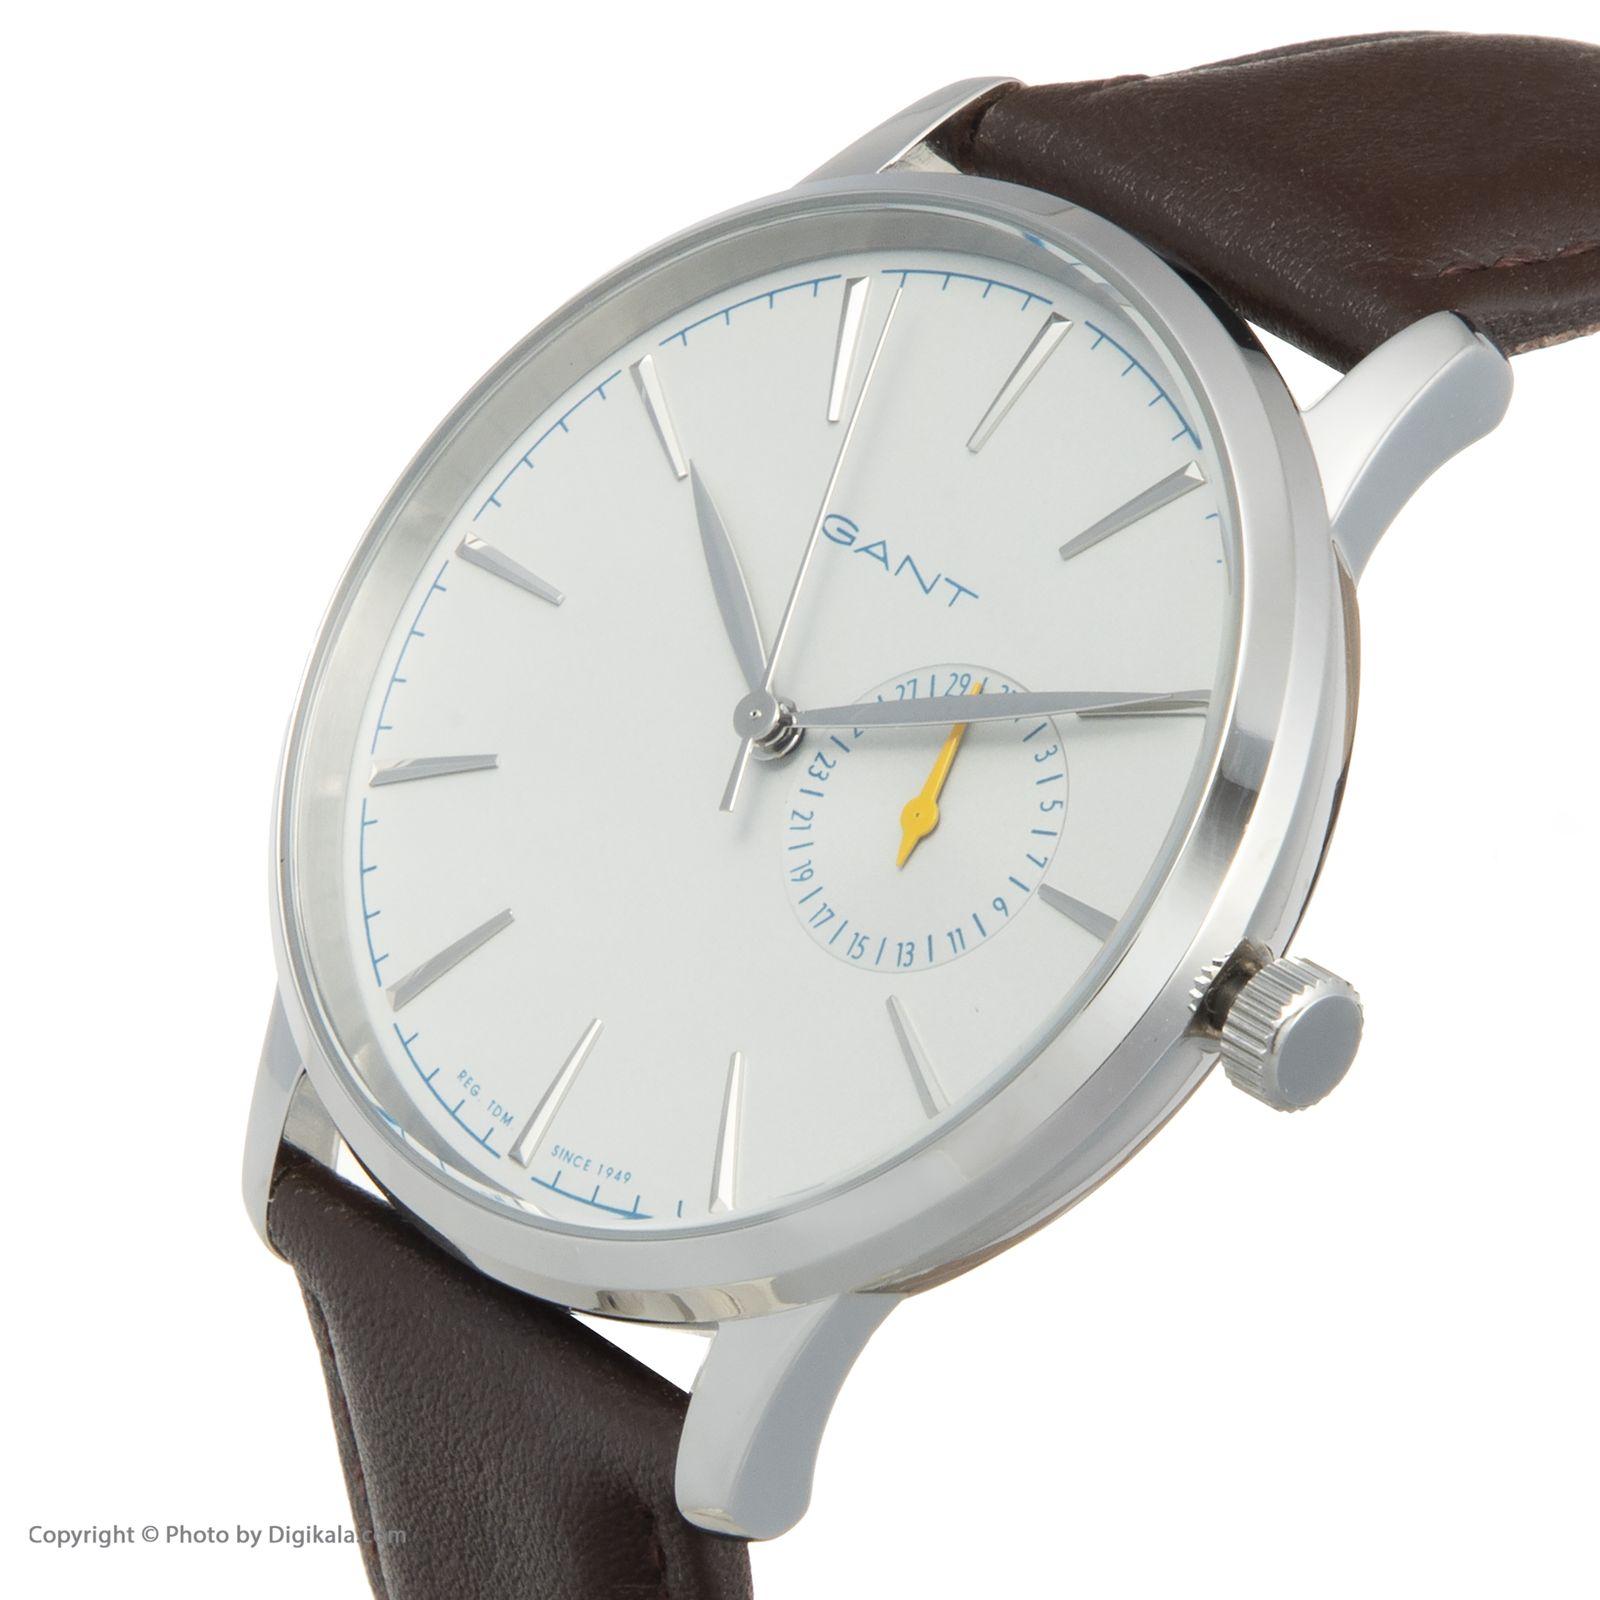 ساعت مچی عقربه ای مردانه گنت مدل GWW048006 -  - 4